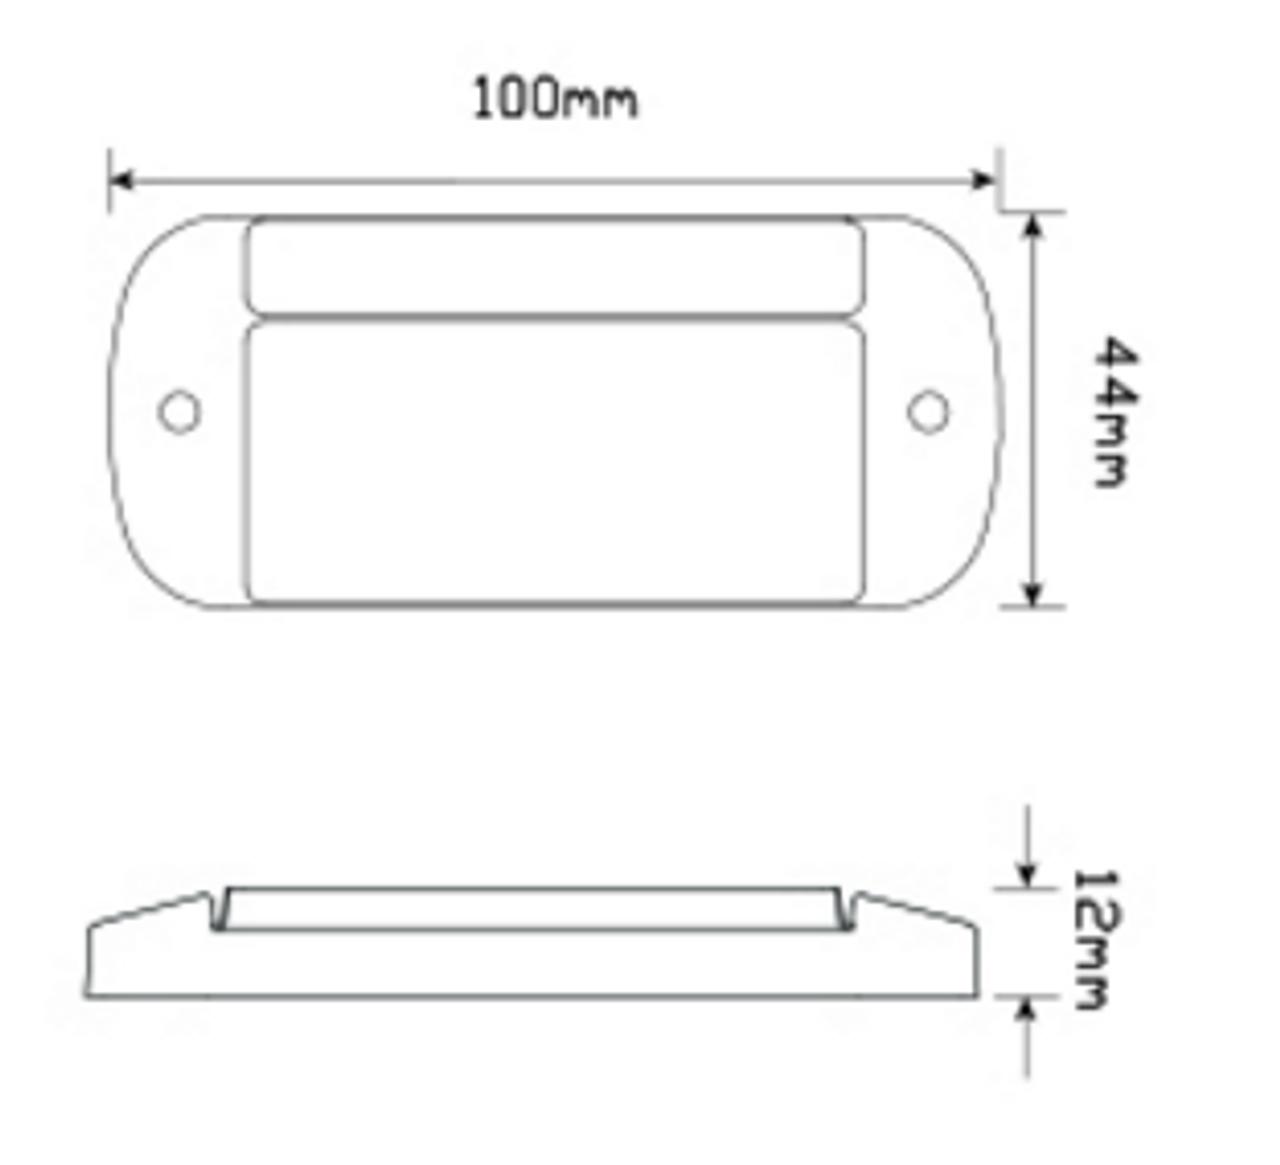 Line Drawing - 44ARMLB - Side Marker Light with Reflector Left Side Multi-Volt 12v & 24v Single Pack. AL. Ultimate LED.